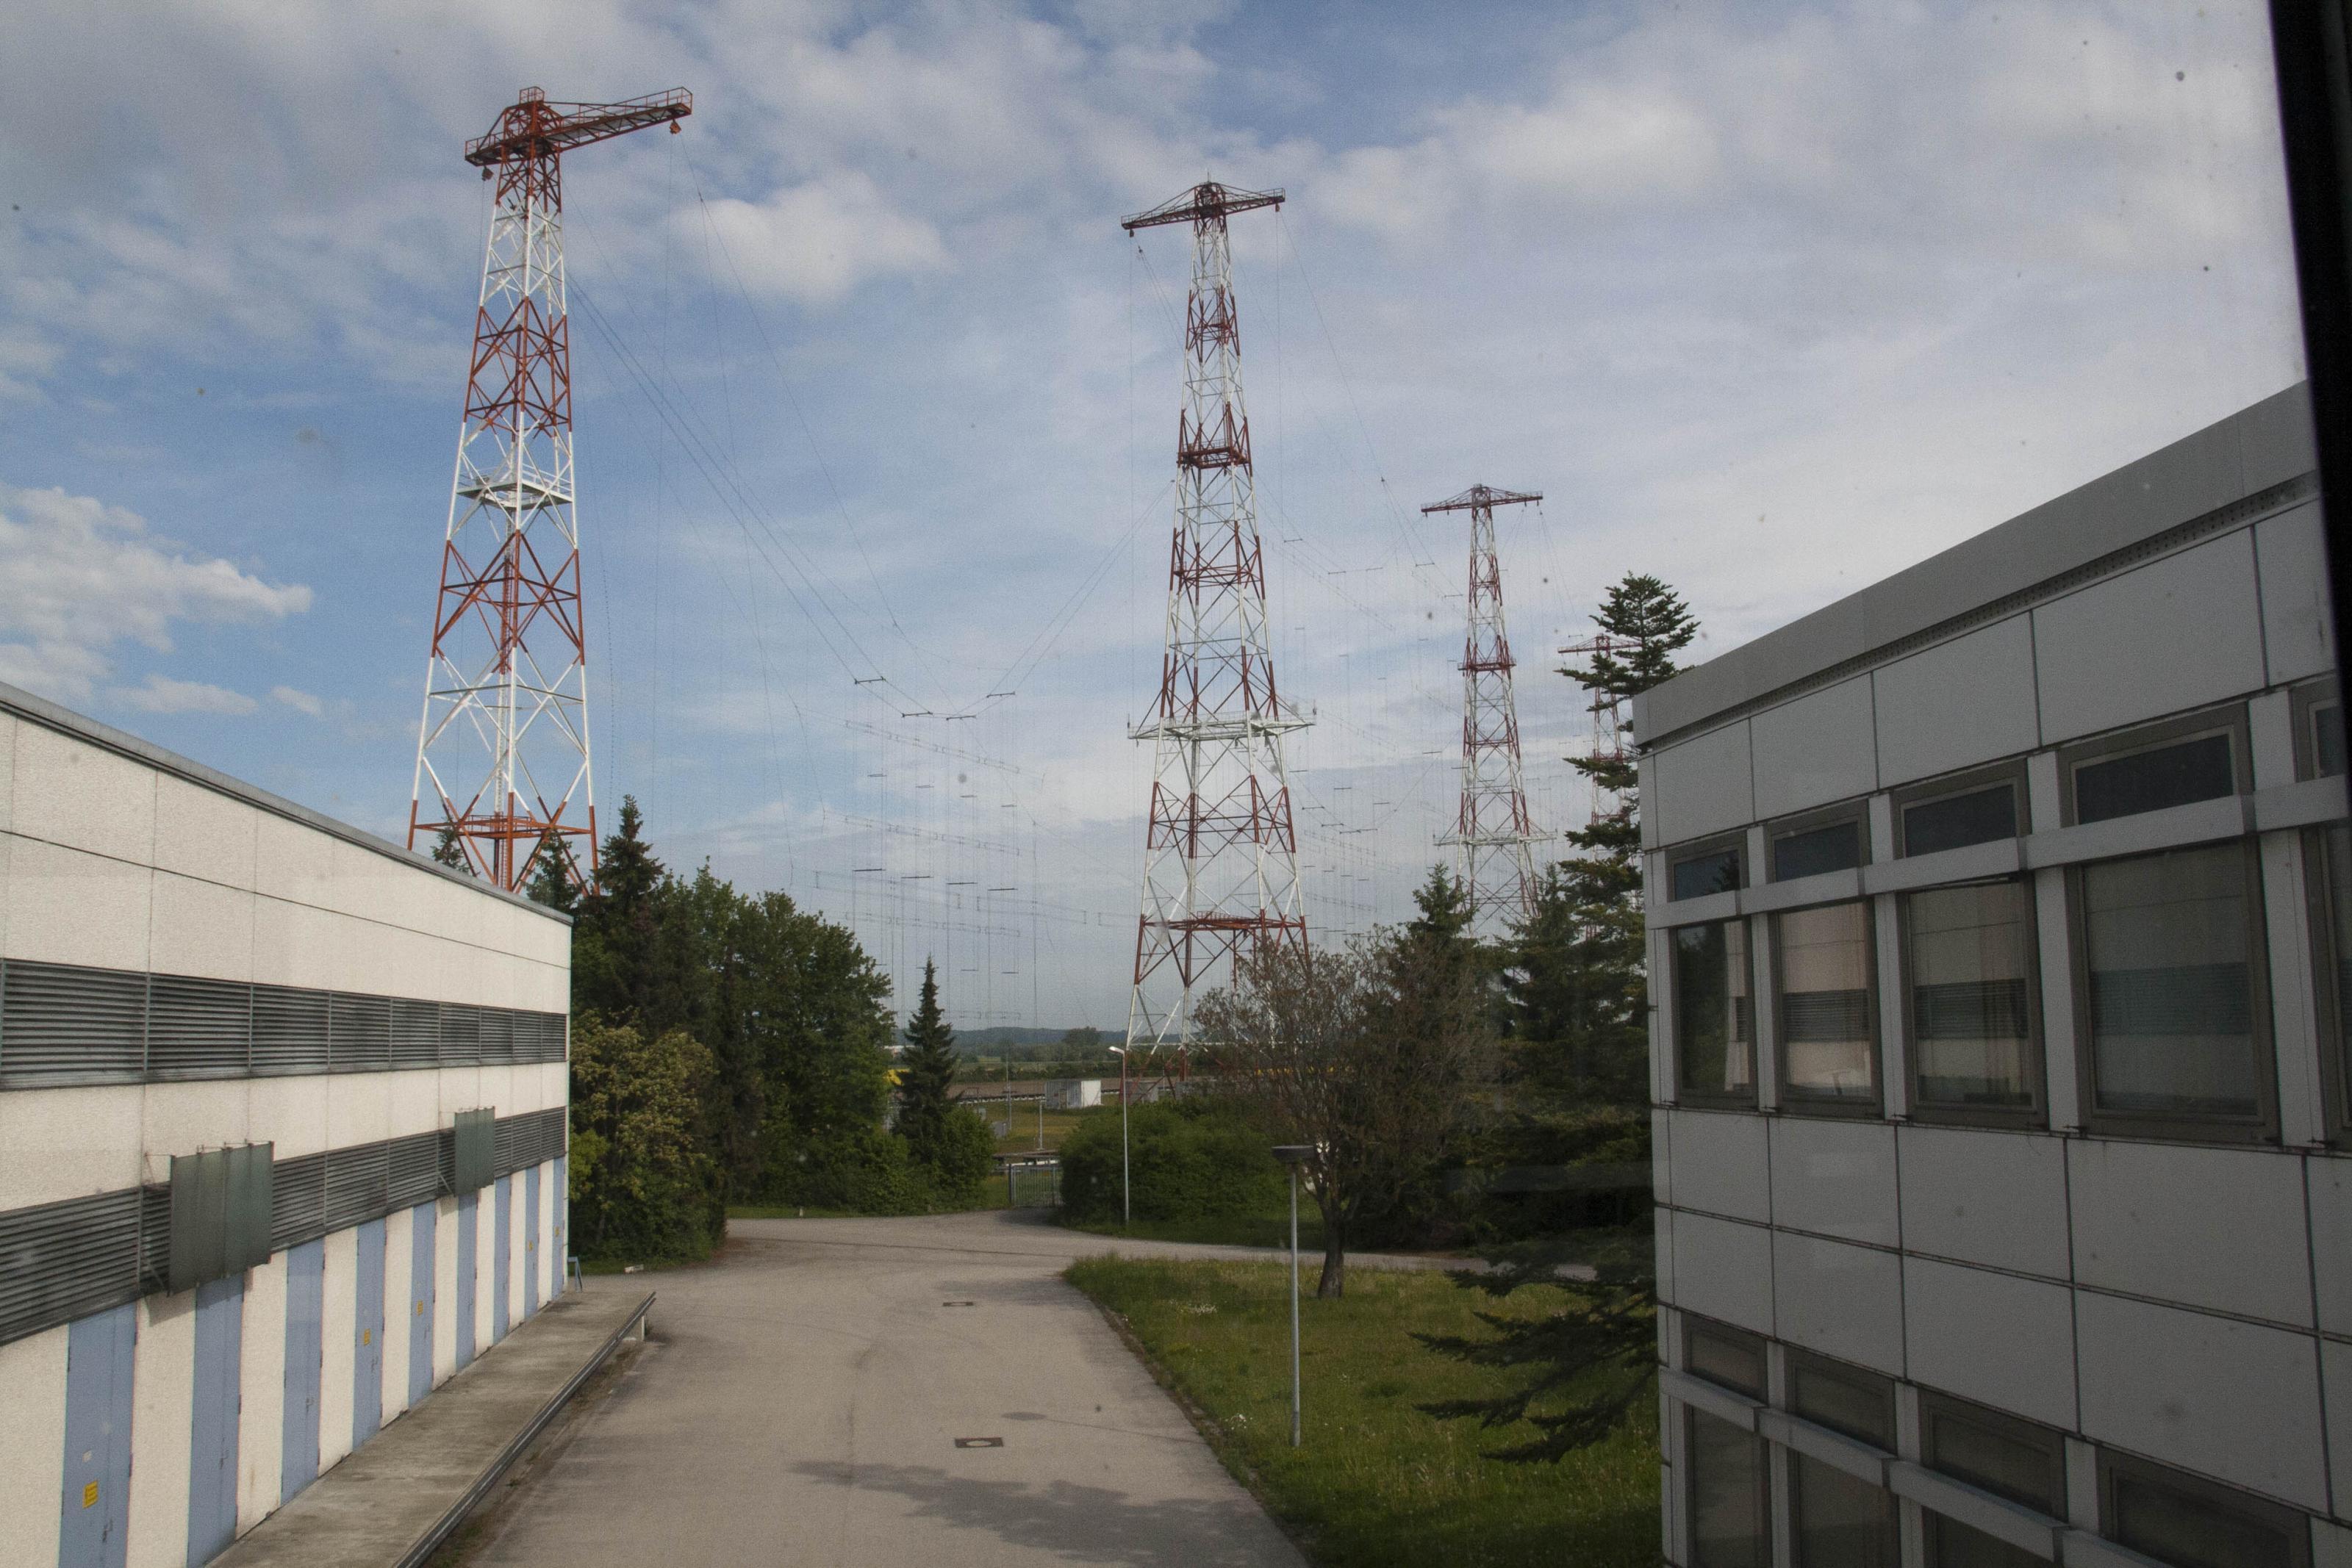 2012-05-18-Duitsland-TripWertechtal-022.jpg